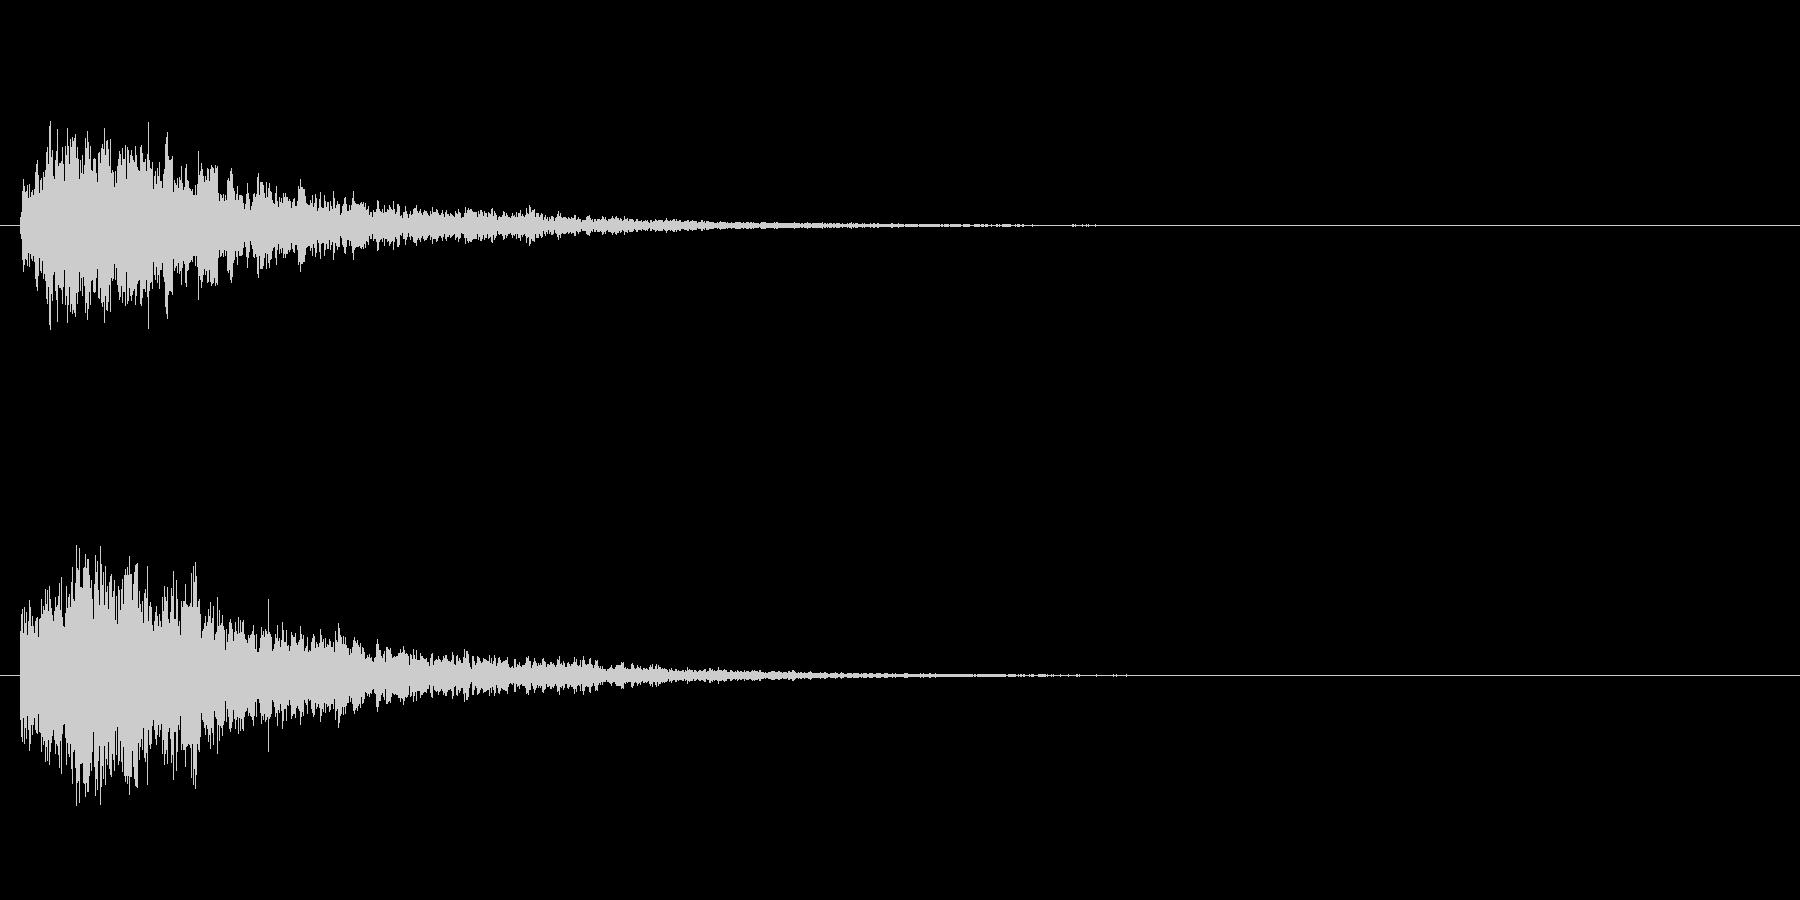 凍りつくイメージの音ですの未再生の波形